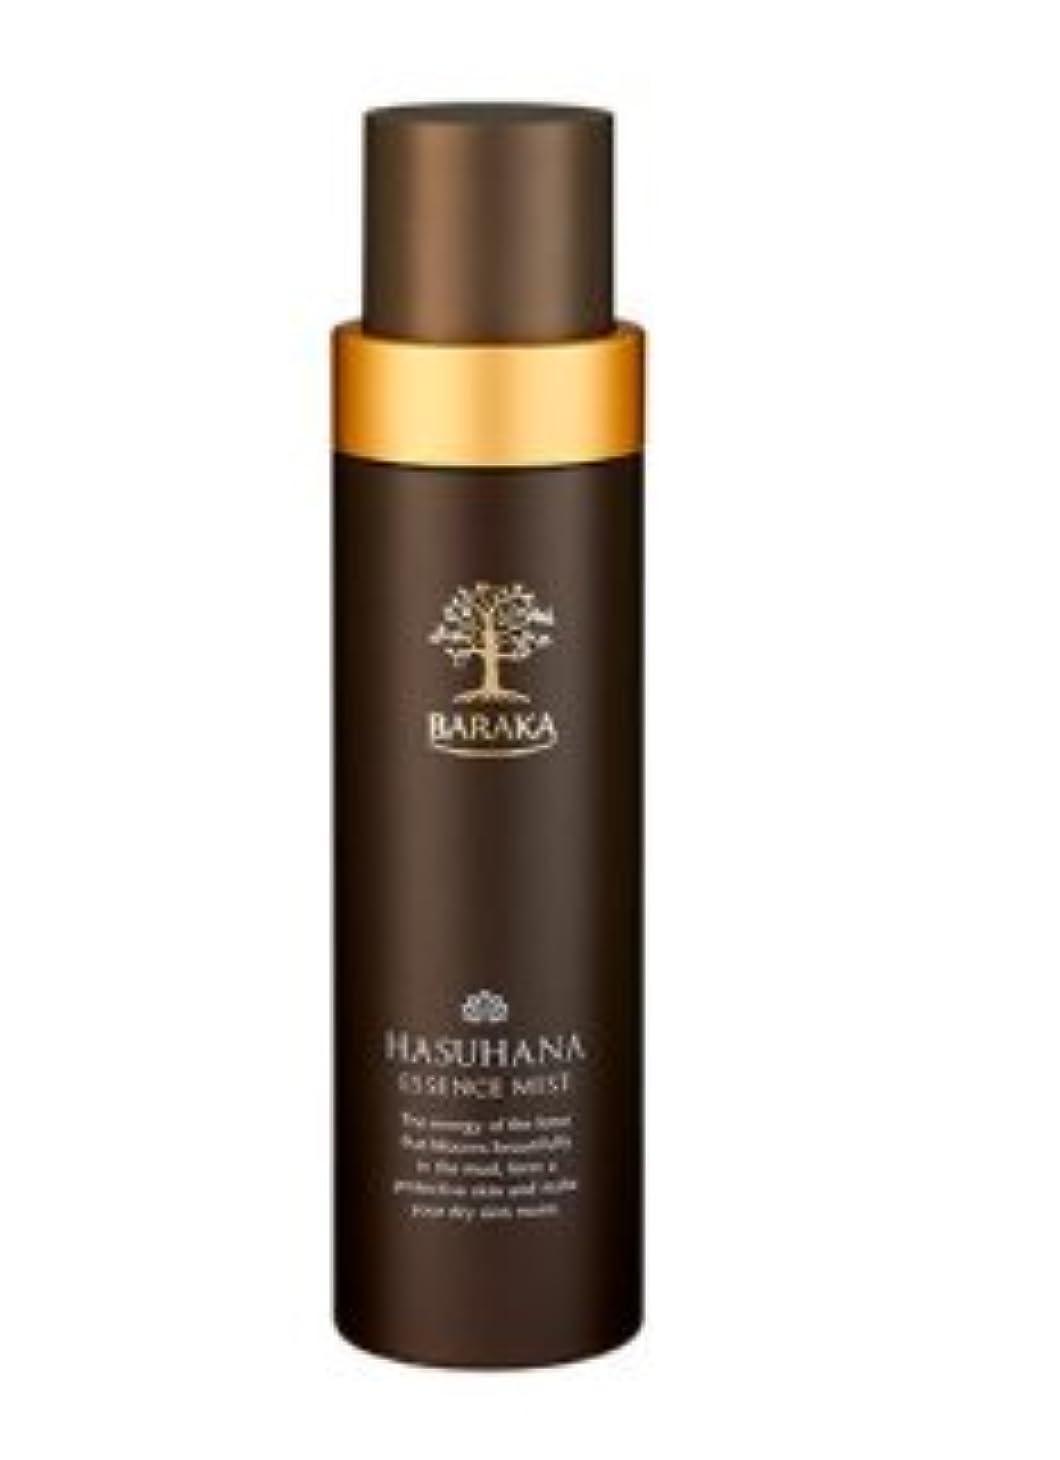 反響する正義石油BARAKA(バラカ) ハス花 エッセンス ミスト 150mL ミスト状化粧水